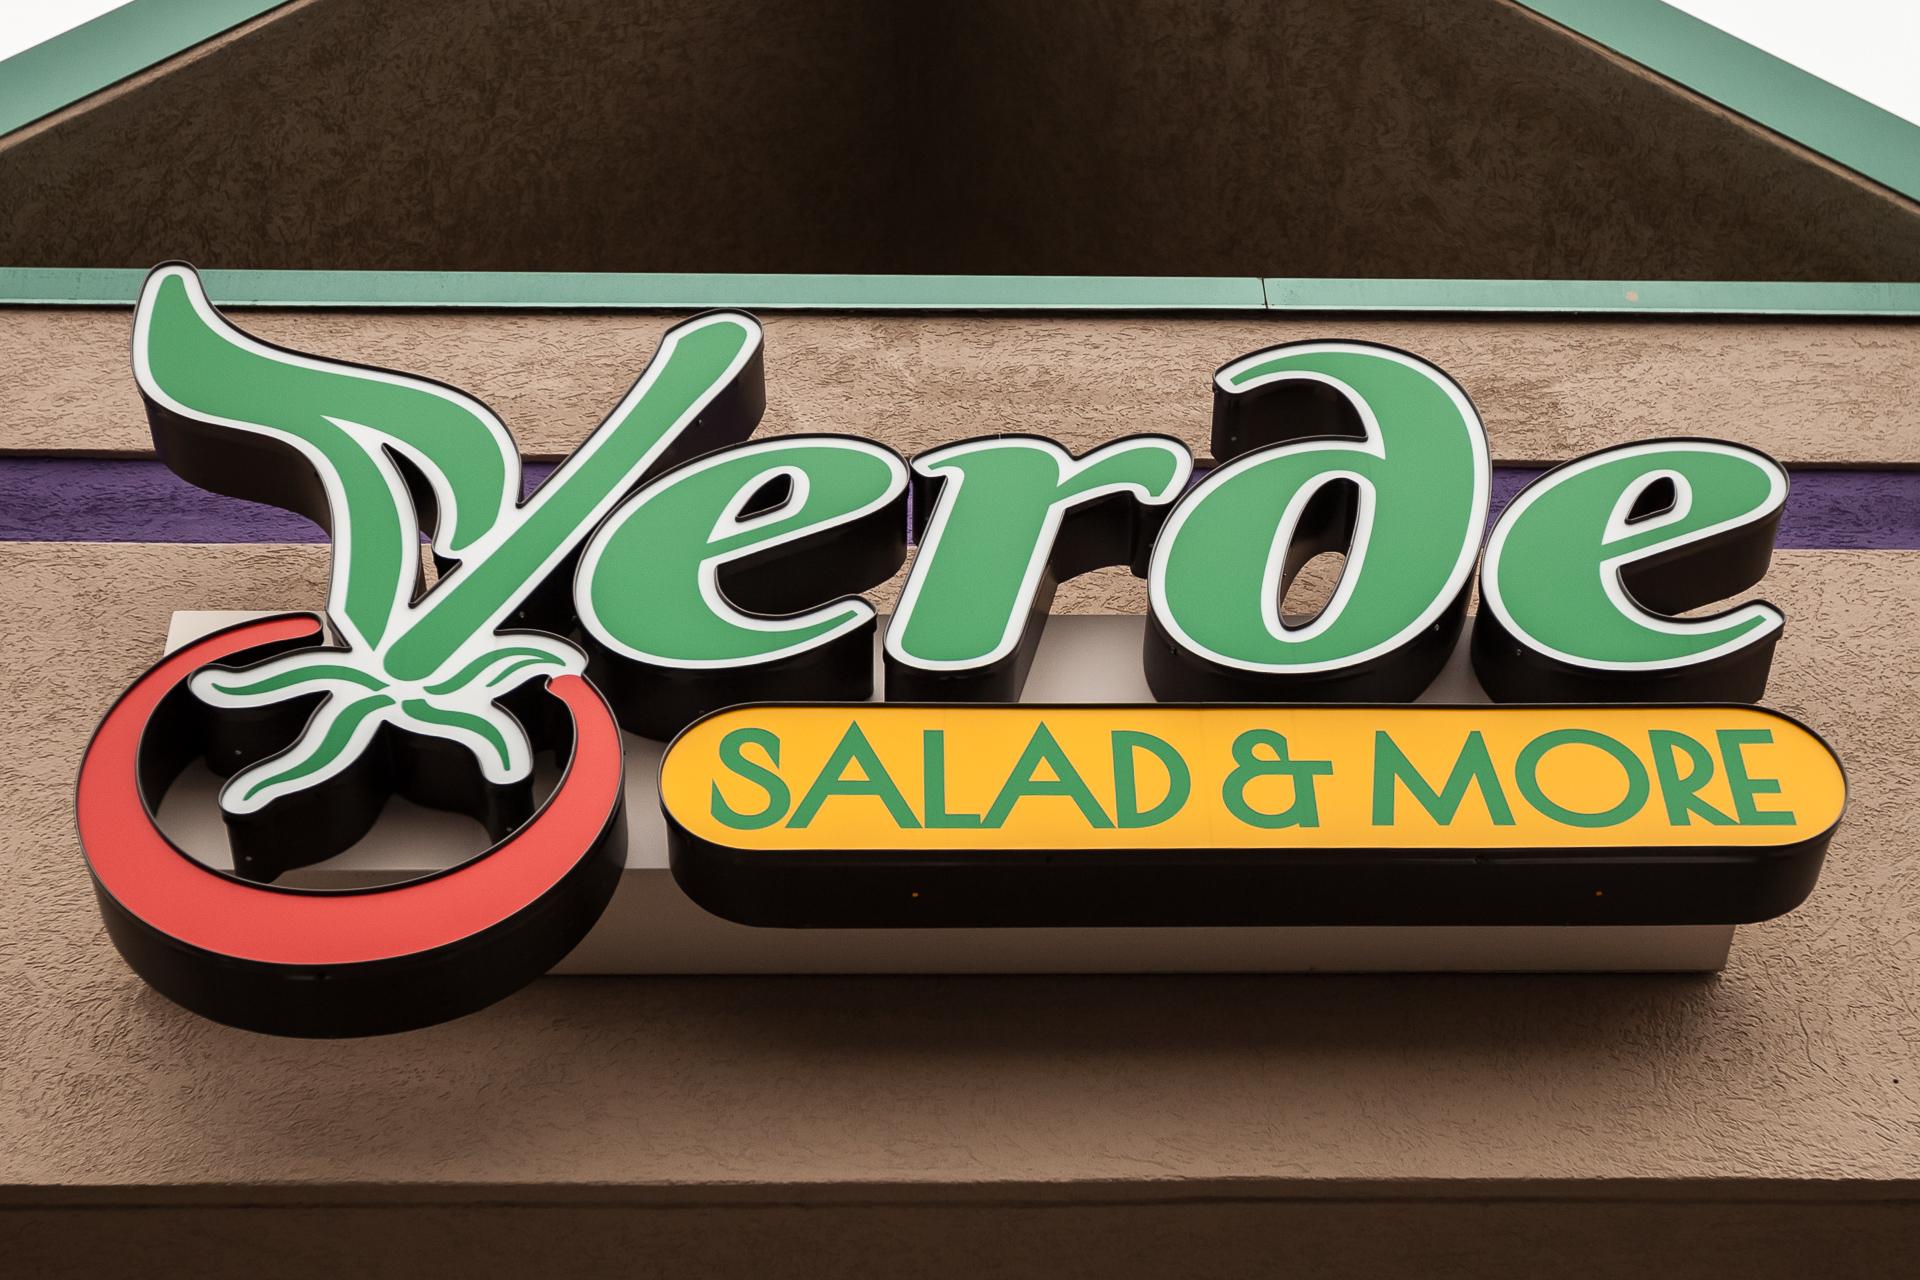 Verde Salad & More